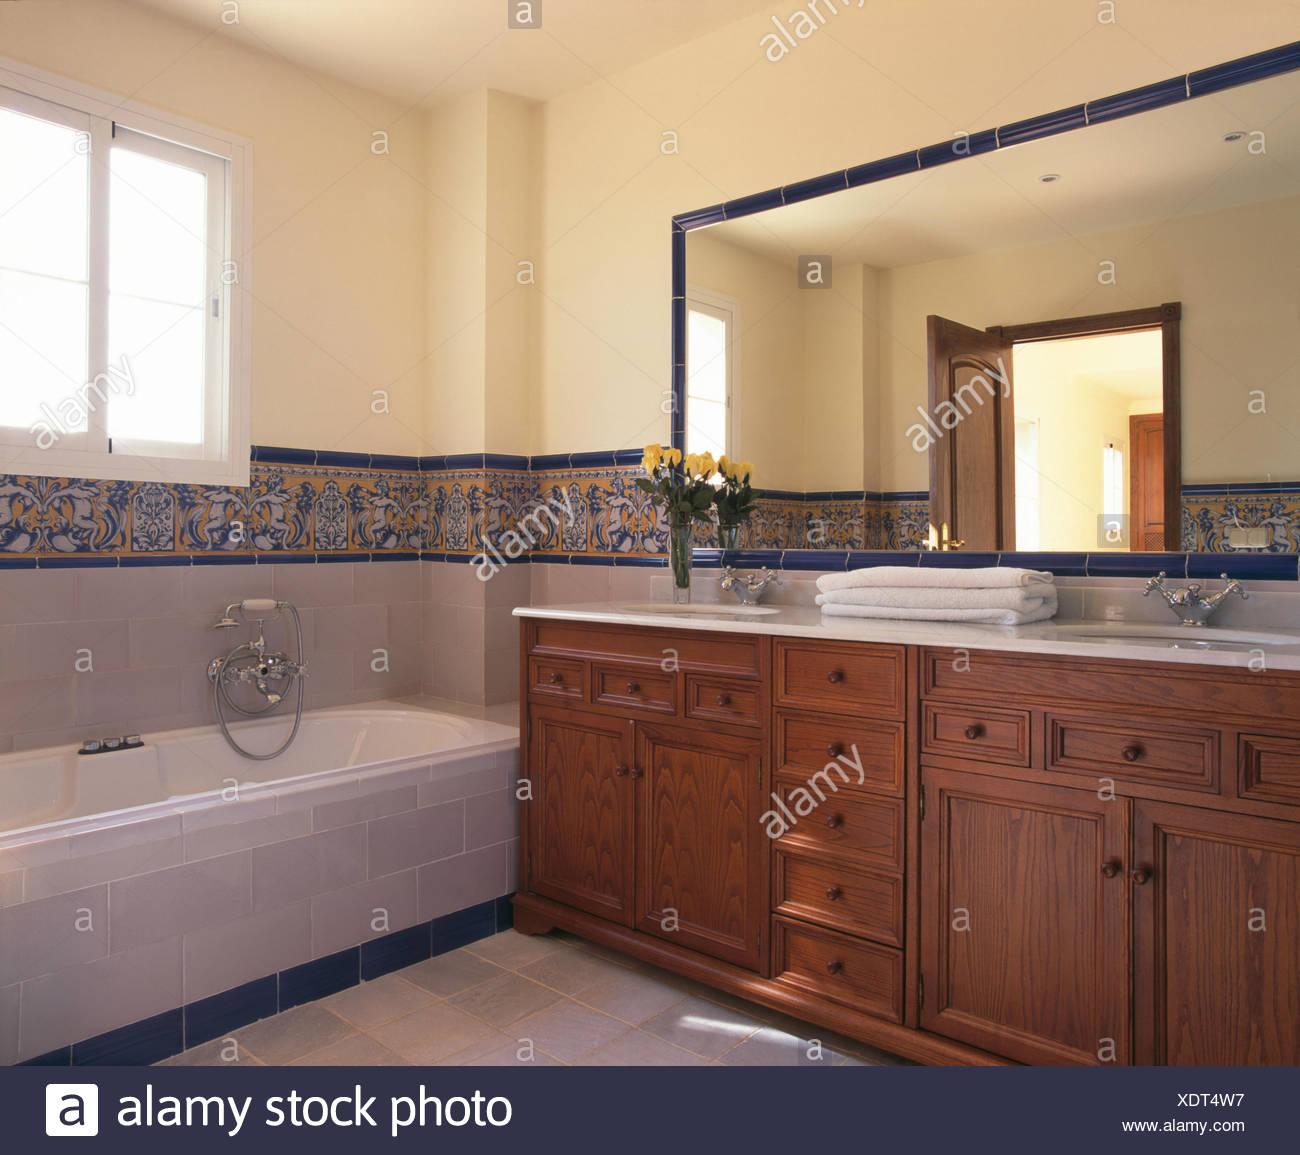 Grand miroir au-dessus du lavabo dans la salle de bains moderne avec ...